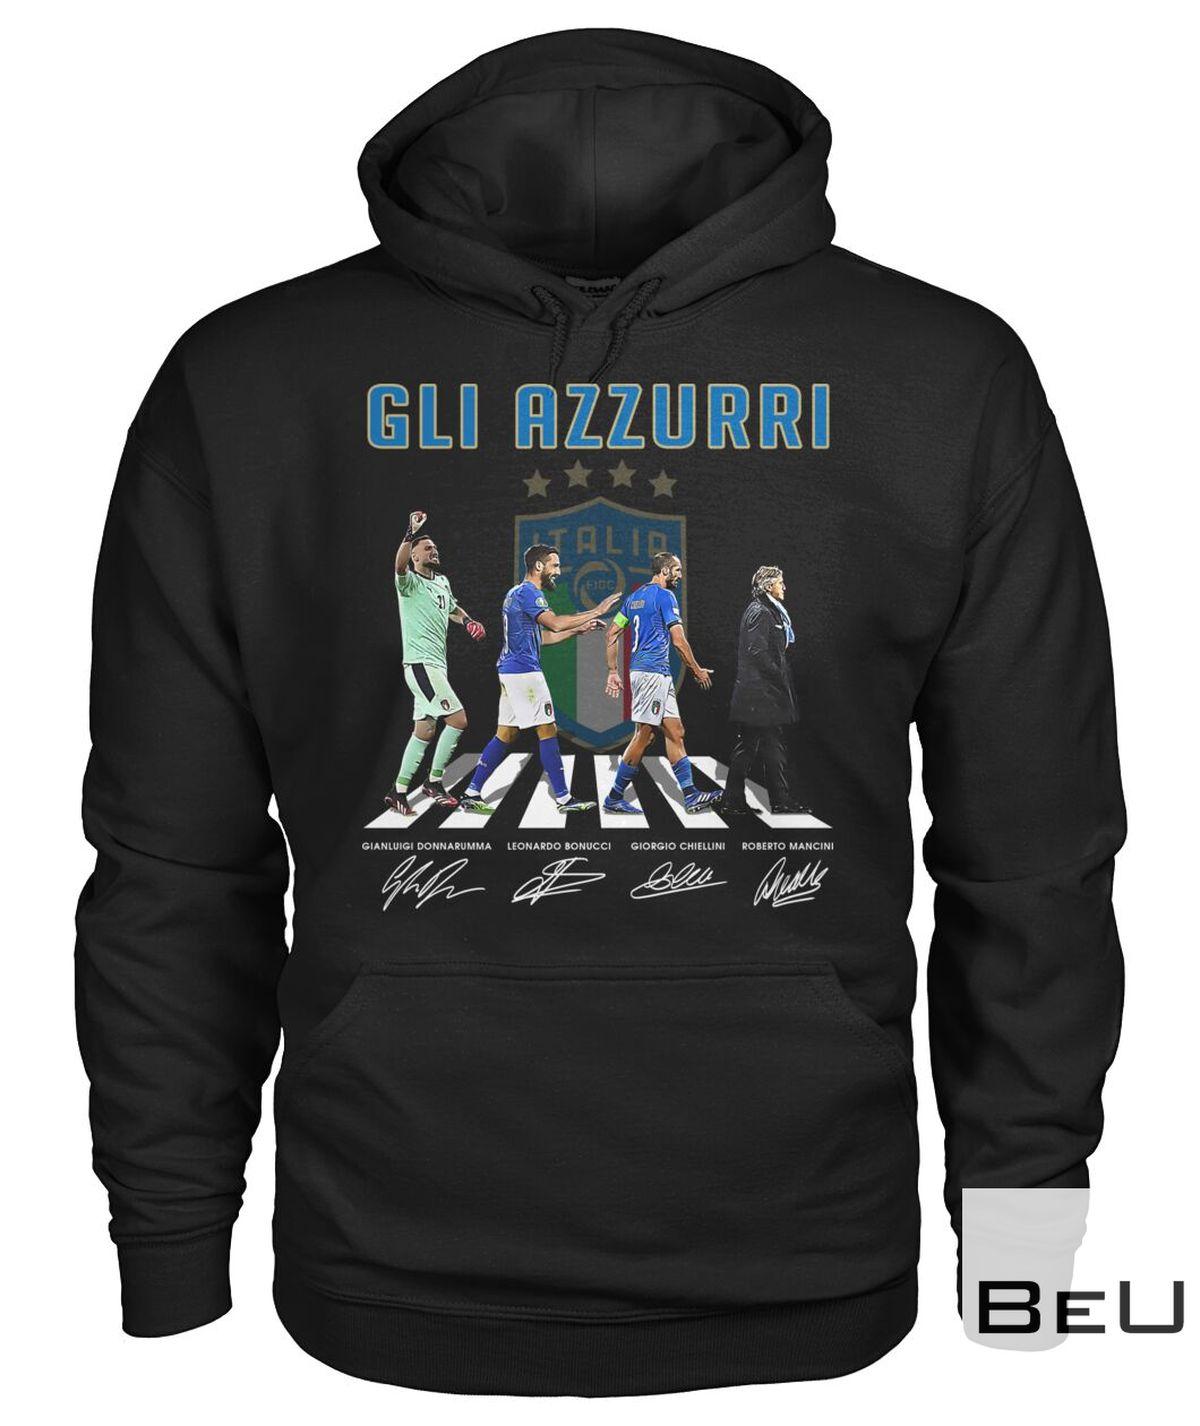 Gli Azzurri Shirtz